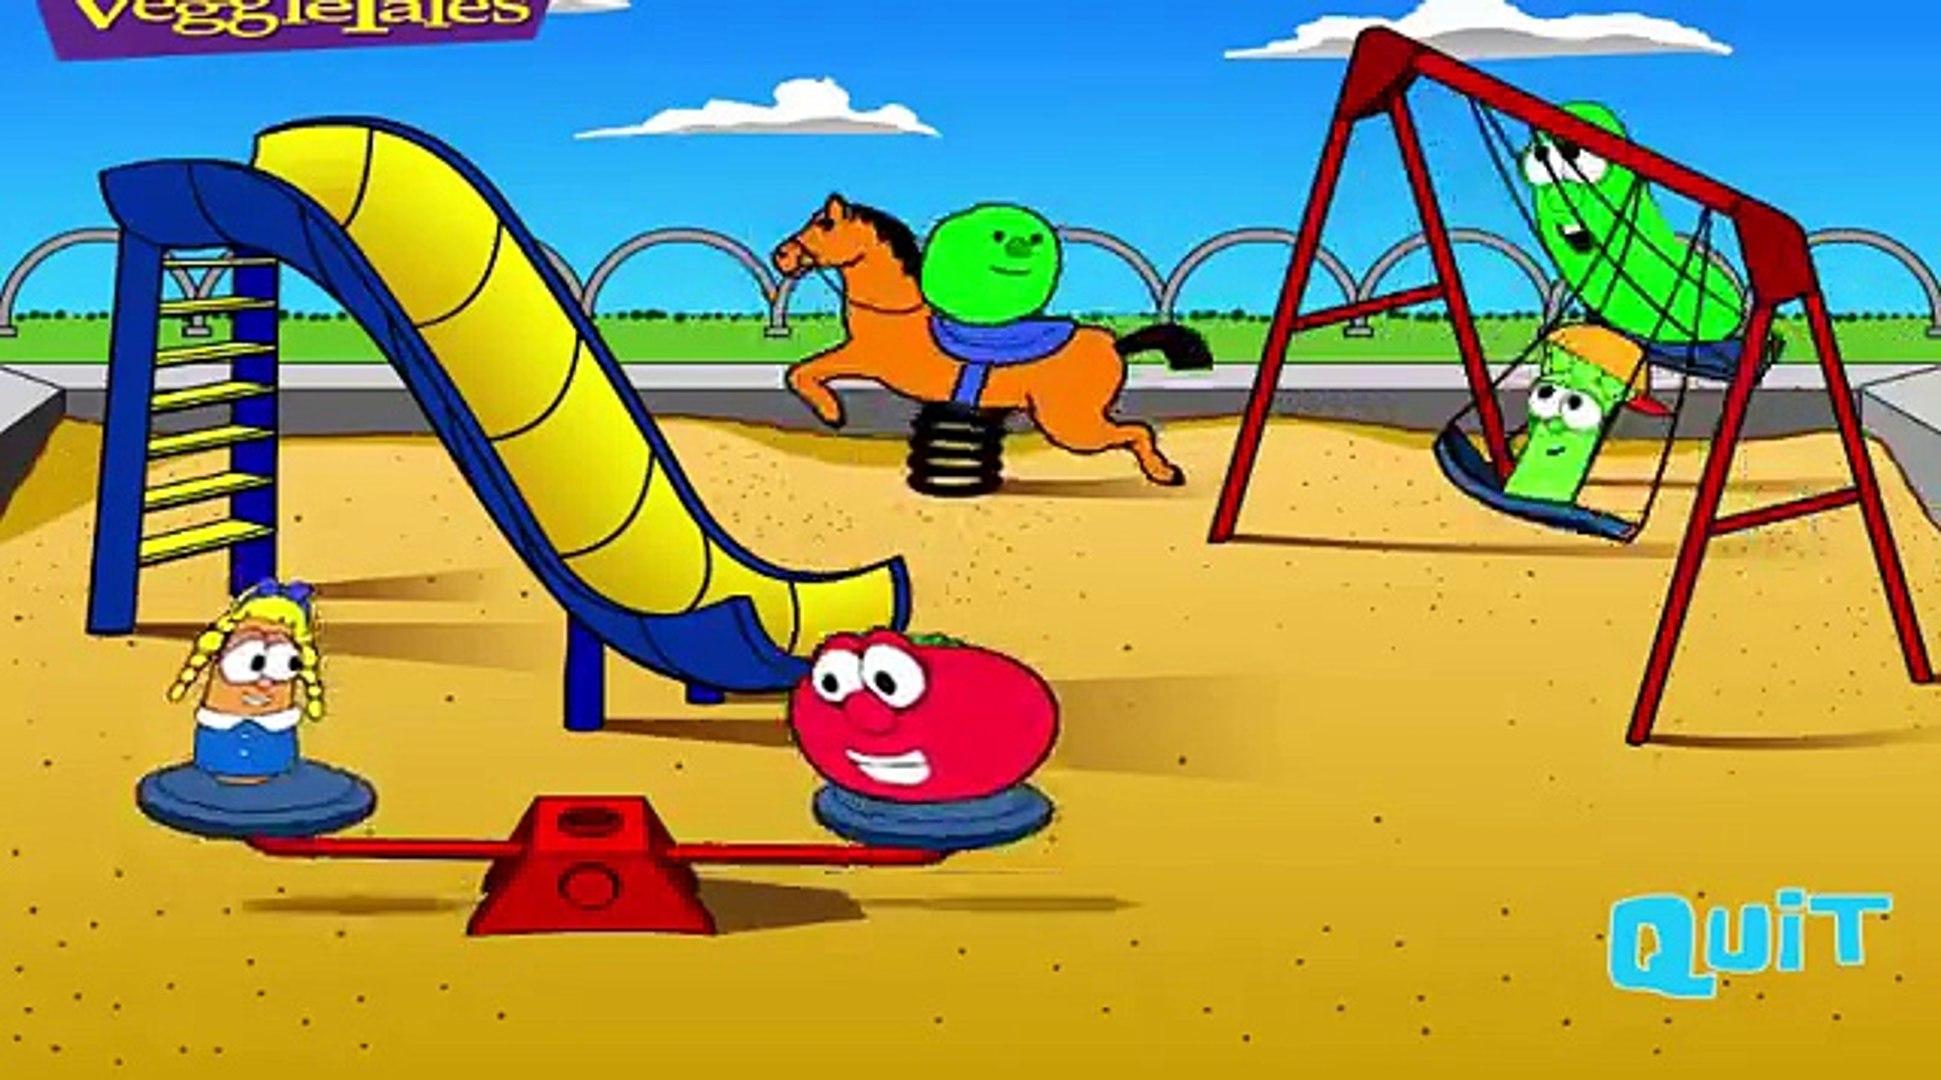 Овощи на качелях Детские игры для малышей - Vegetables on a swing Baby games for kids